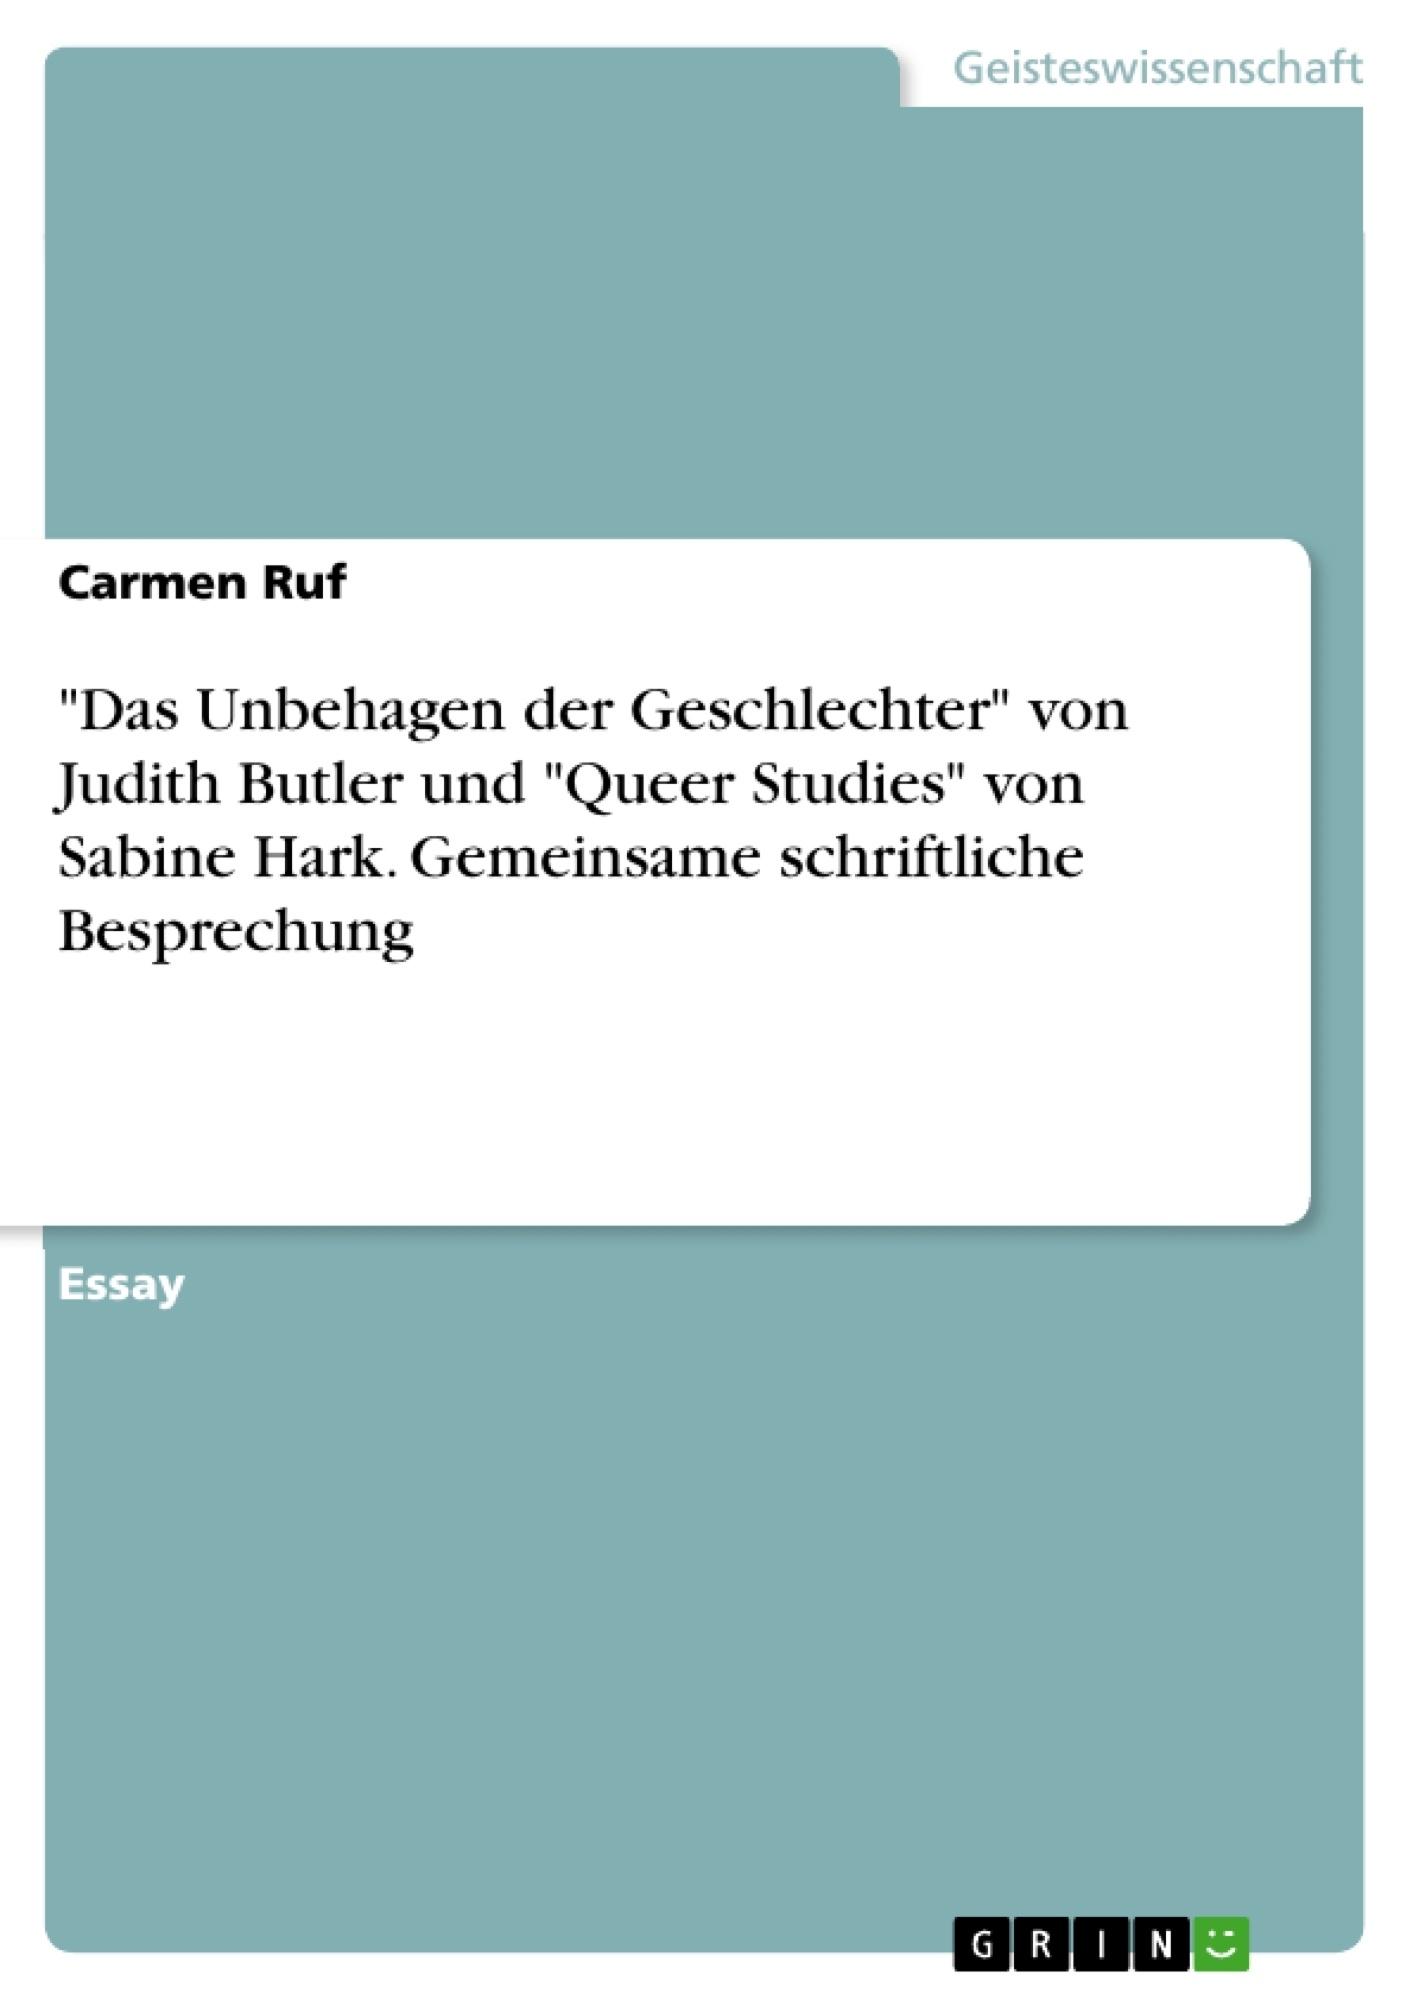 """Titel: """"Das Unbehagen der Geschlechter"""" von Judith Butler und """"Queer Studies"""" von Sabine Hark. Gemeinsame schriftliche Besprechung"""